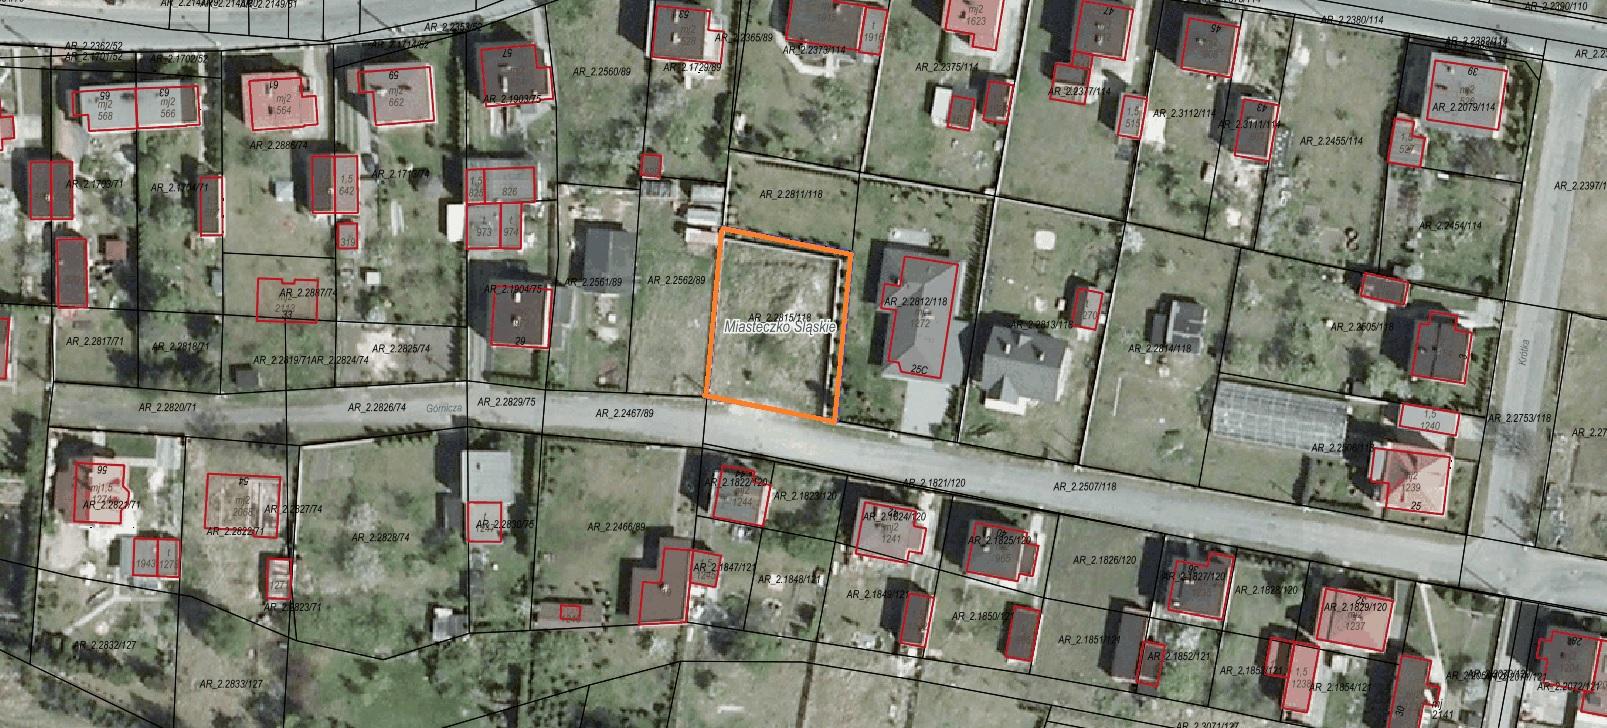 Ogłoszenie o pierwszym przetargu ustnym nieograniczonym na sprzedaż nieruchomości położonej w Miasteczku Śląskim w rejonie ul. Górniczej